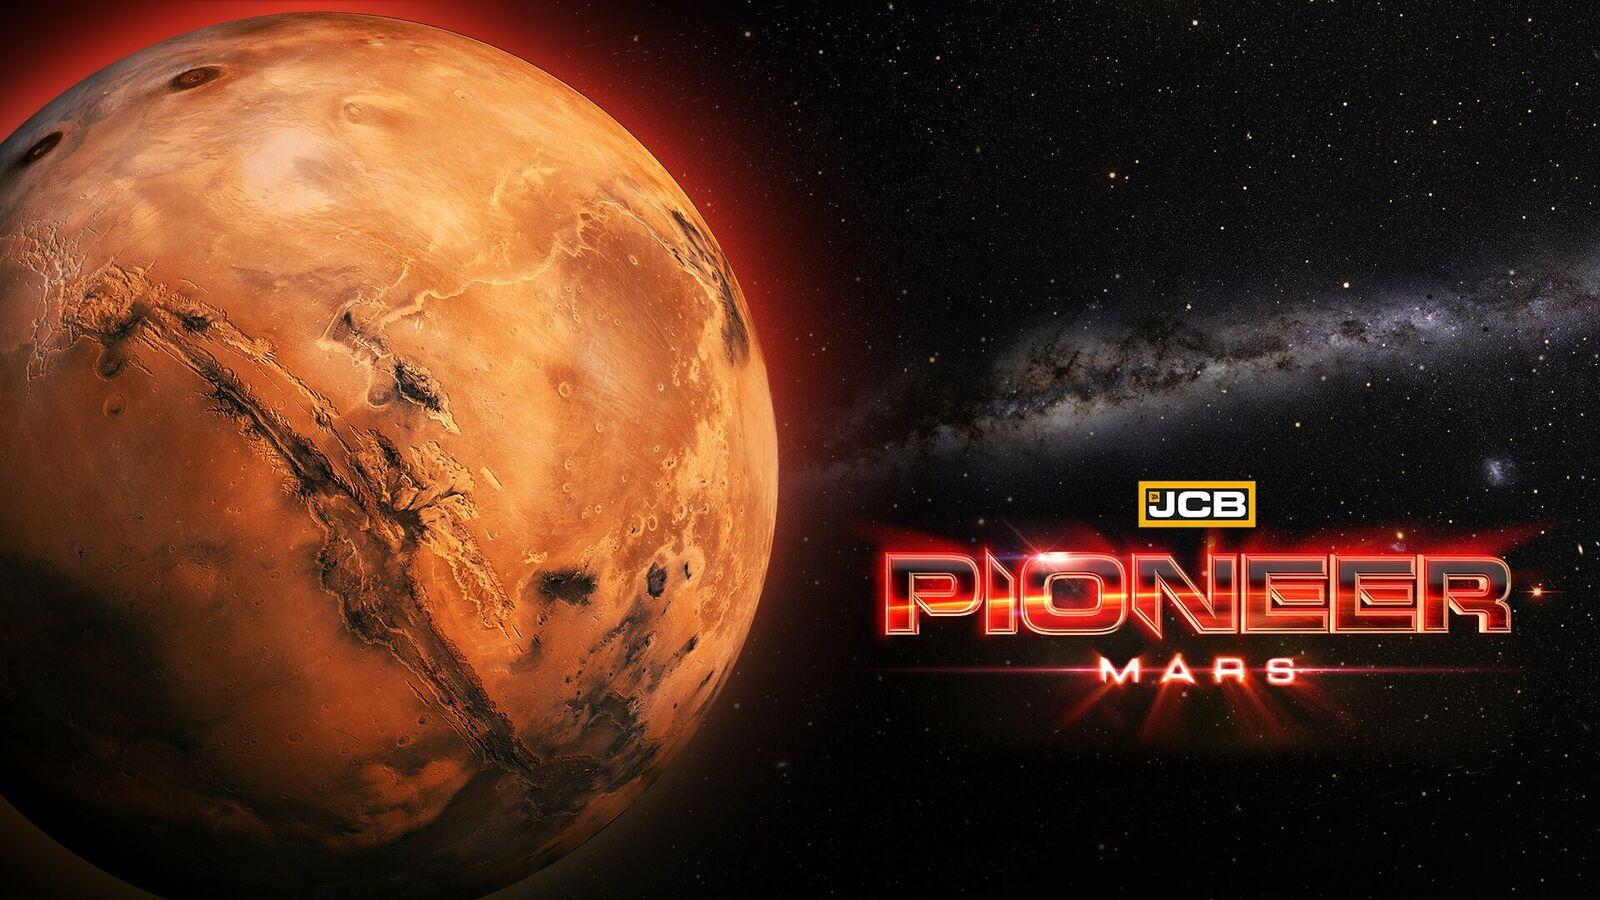 Bild von gamescom 2017: JCB Pioneer: Mars